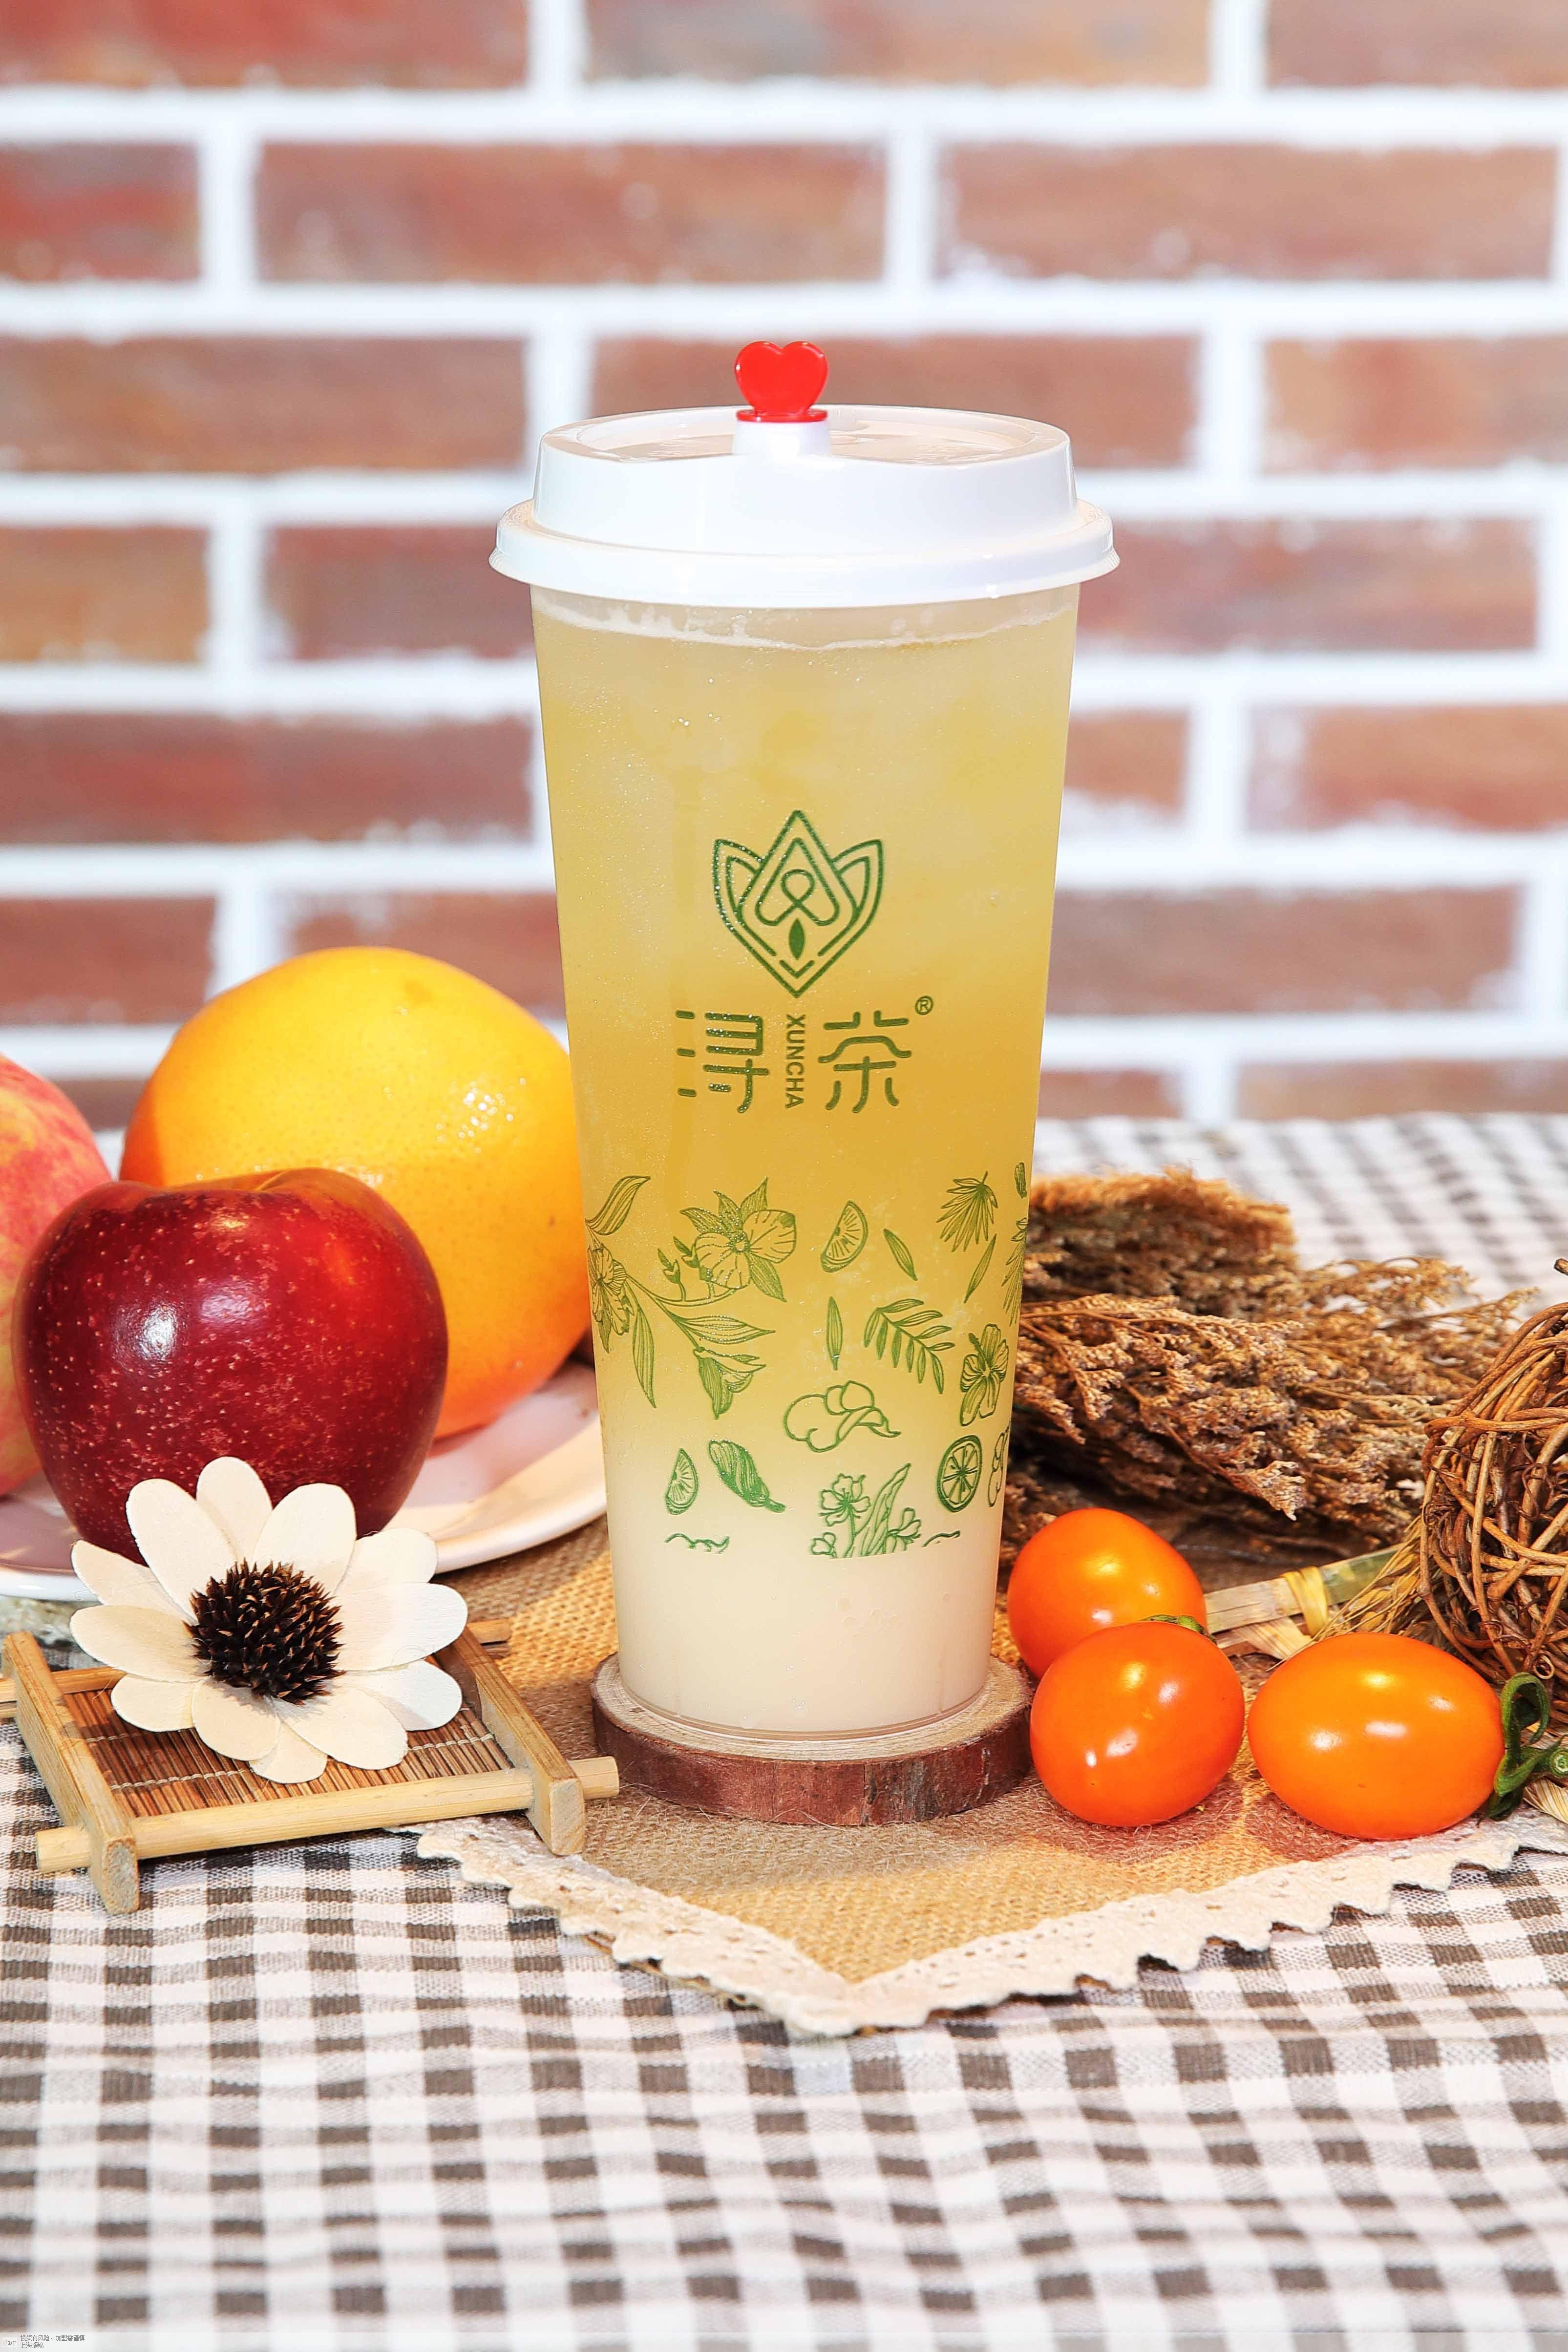 廈門潯茶奶茶店排名 來電咨詢「上海頒錦企業管理供應」